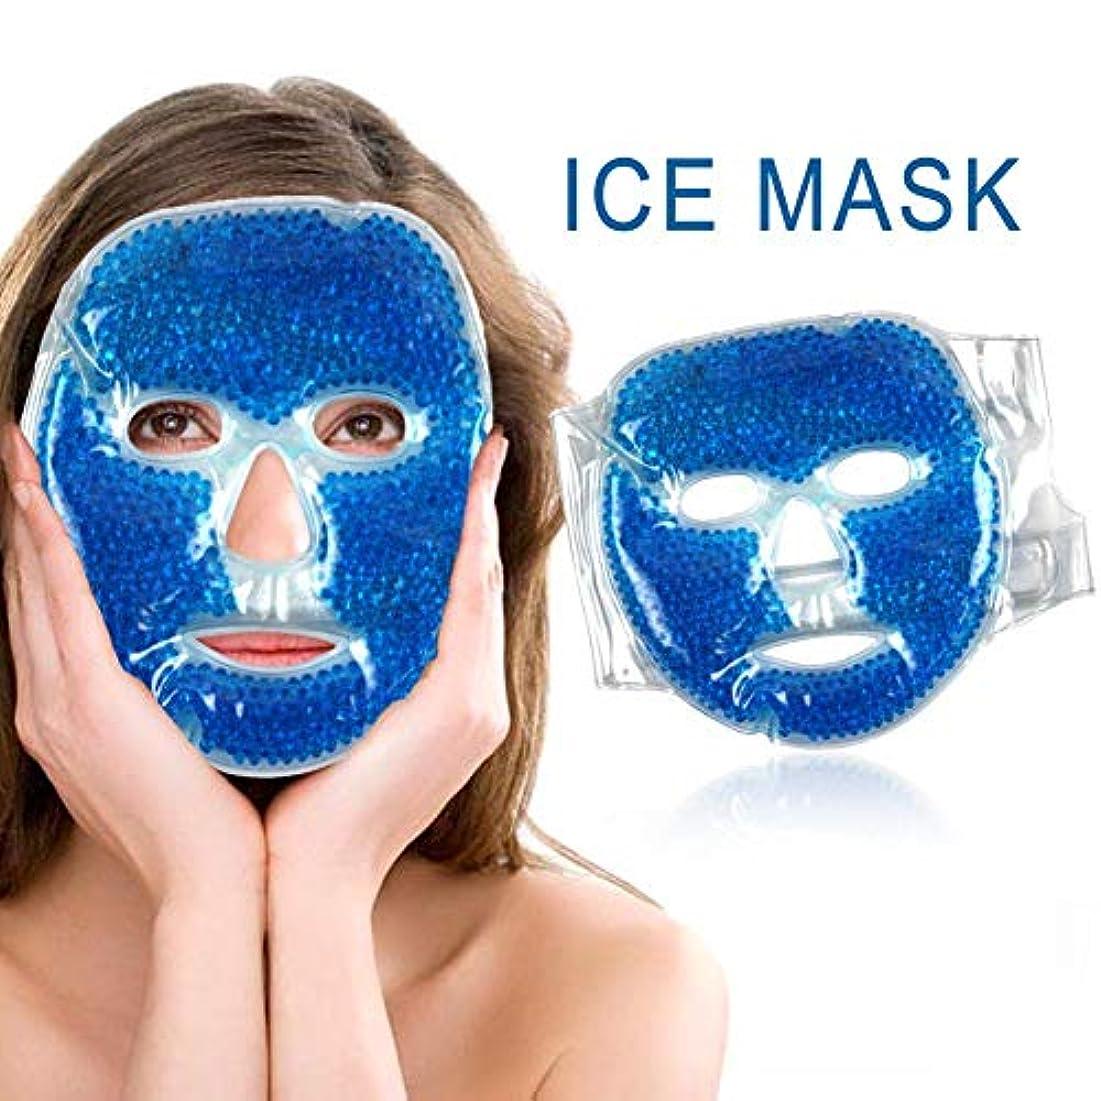 以降単独で不条理SILUN フェイスマスク 冷温兼用 アイスマスク 美容用 再利用可能 毛細血管収縮 疲労緩和 肌ケア 保湿 吸収しやすい 美容マッサージ